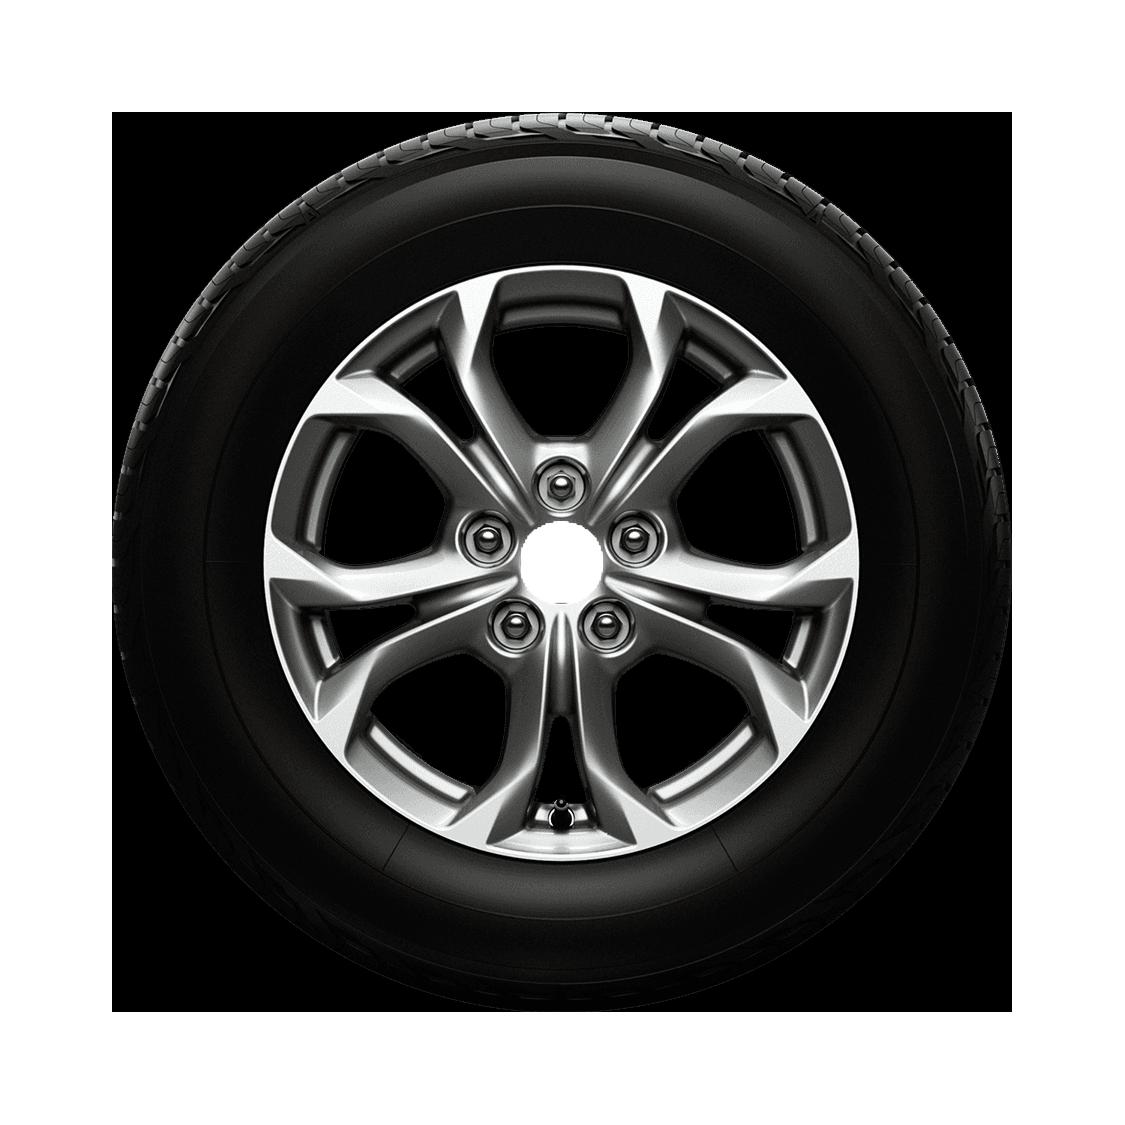 Ruffino HARD Gloss Black - Blue Milling